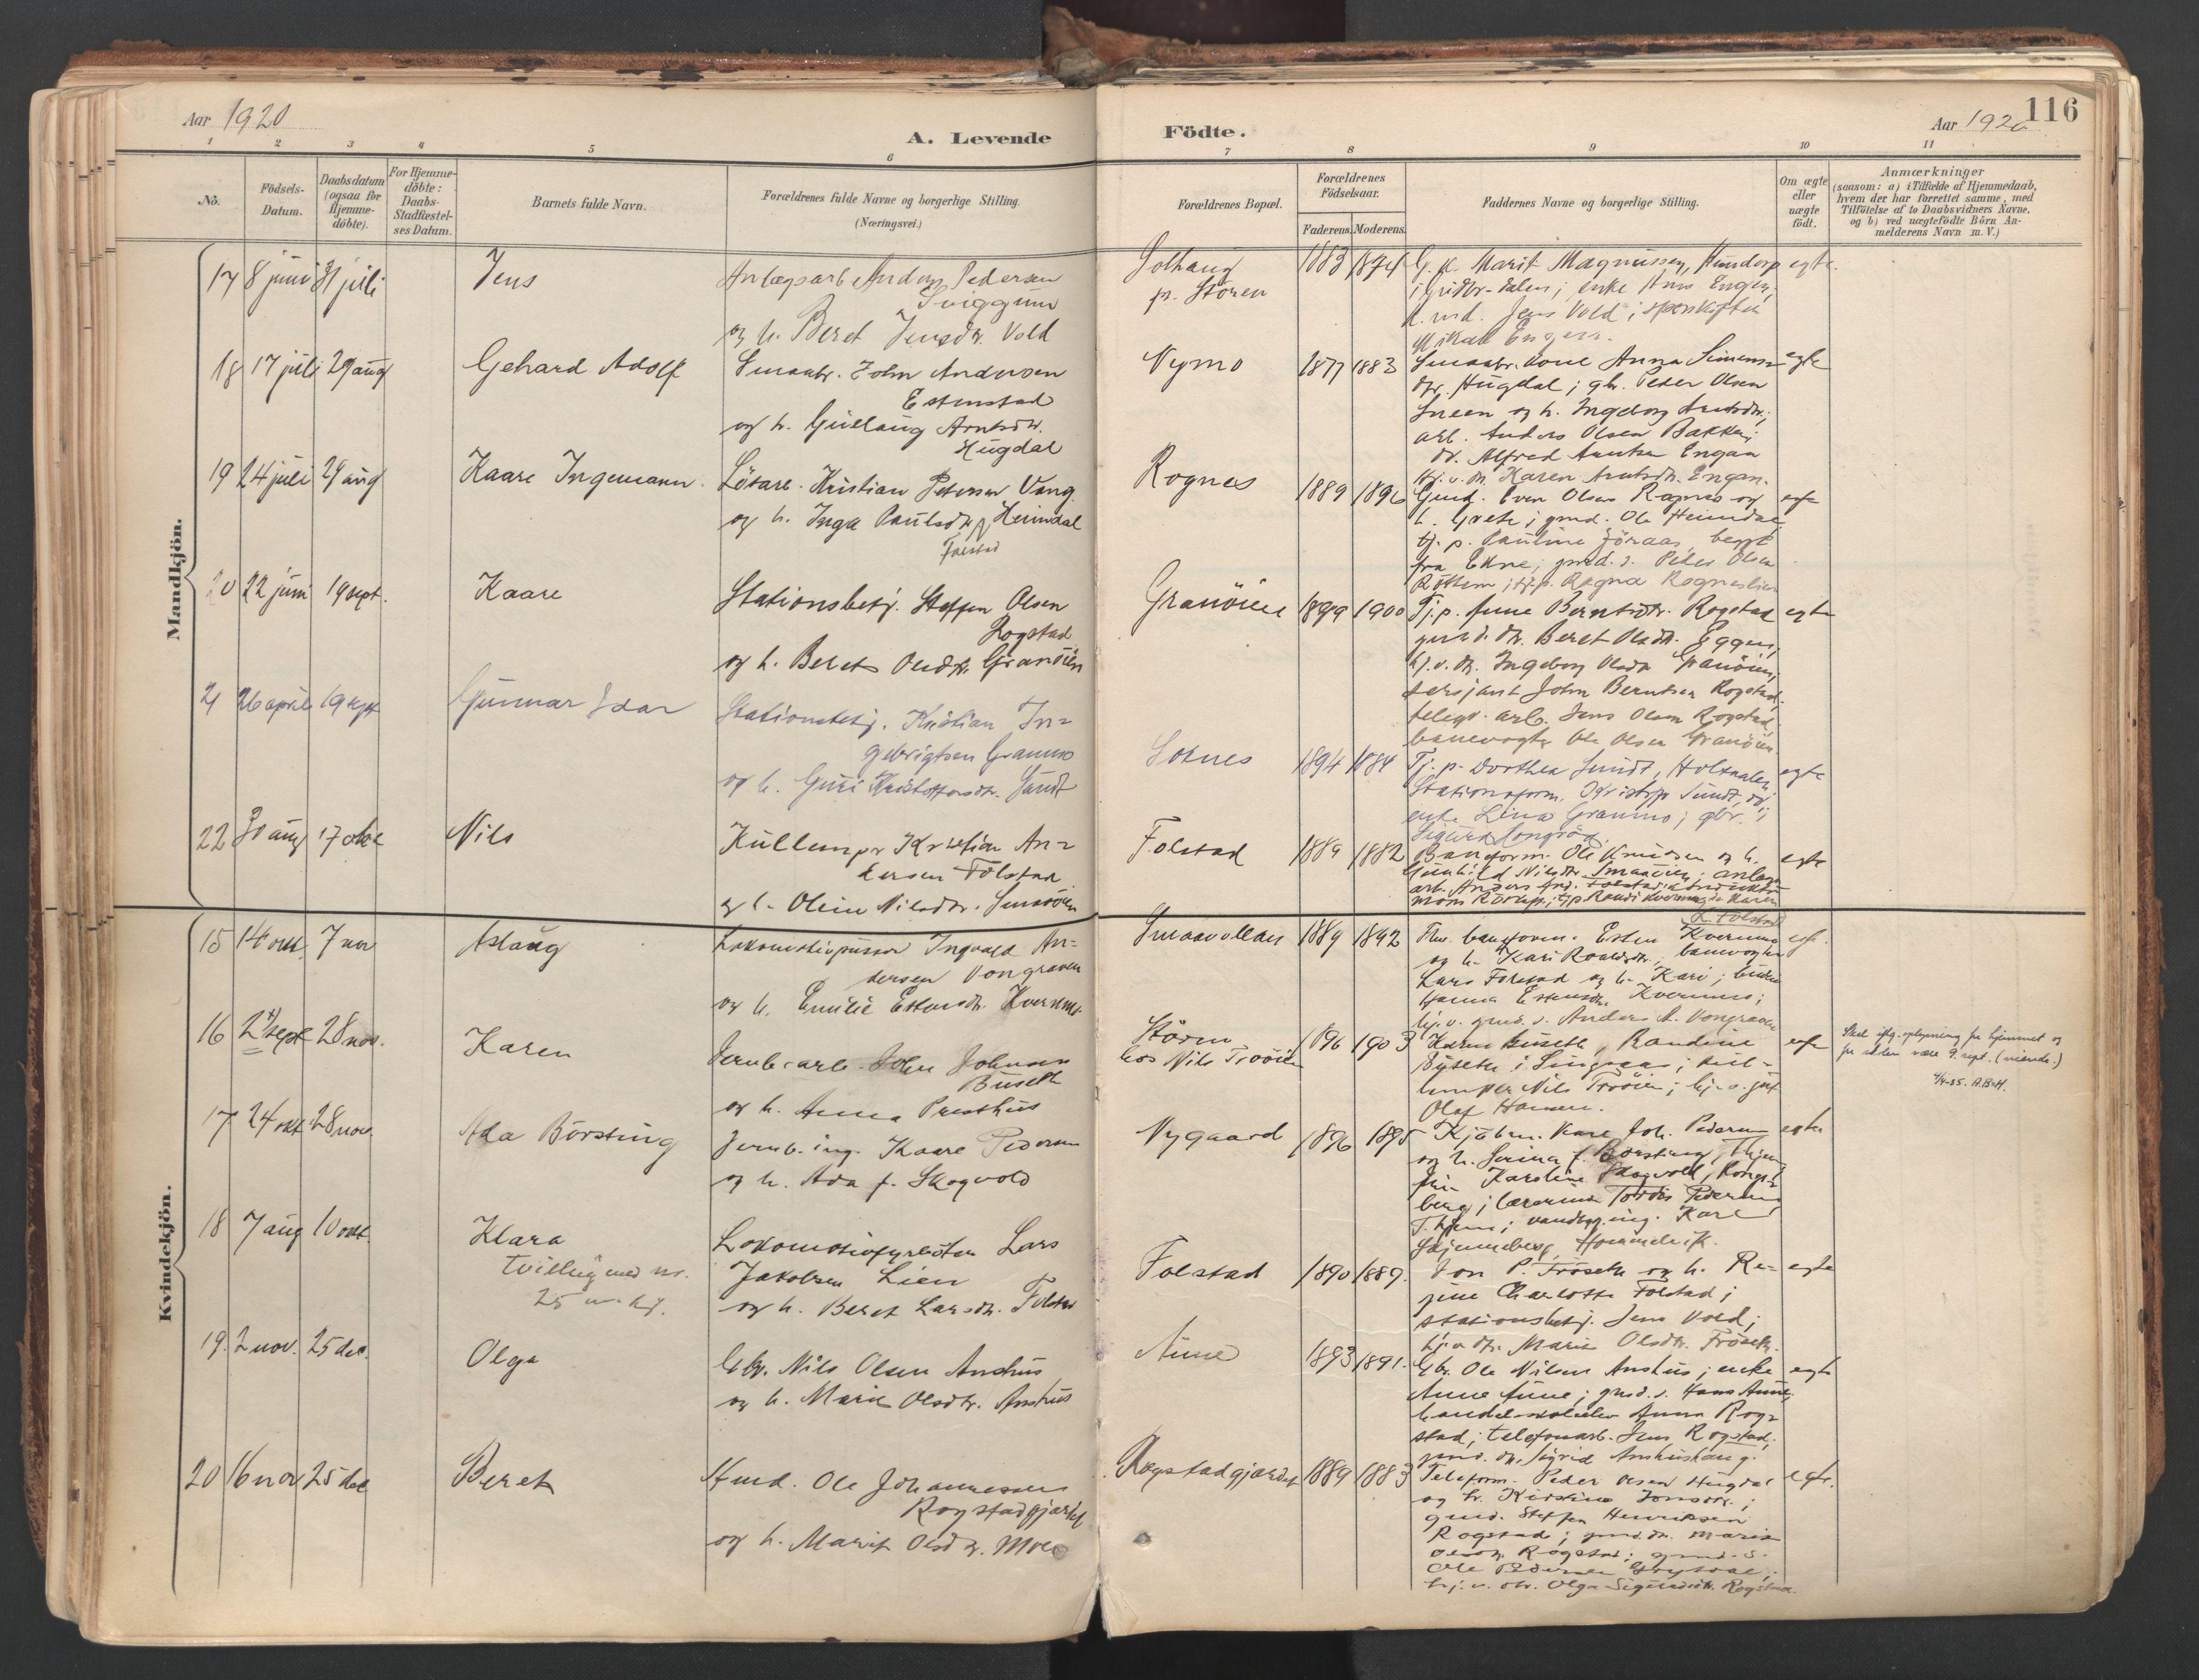 SAT, Ministerialprotokoller, klokkerbøker og fødselsregistre - Sør-Trøndelag, 687/L1004: Ministerialbok nr. 687A10, 1891-1923, s. 116